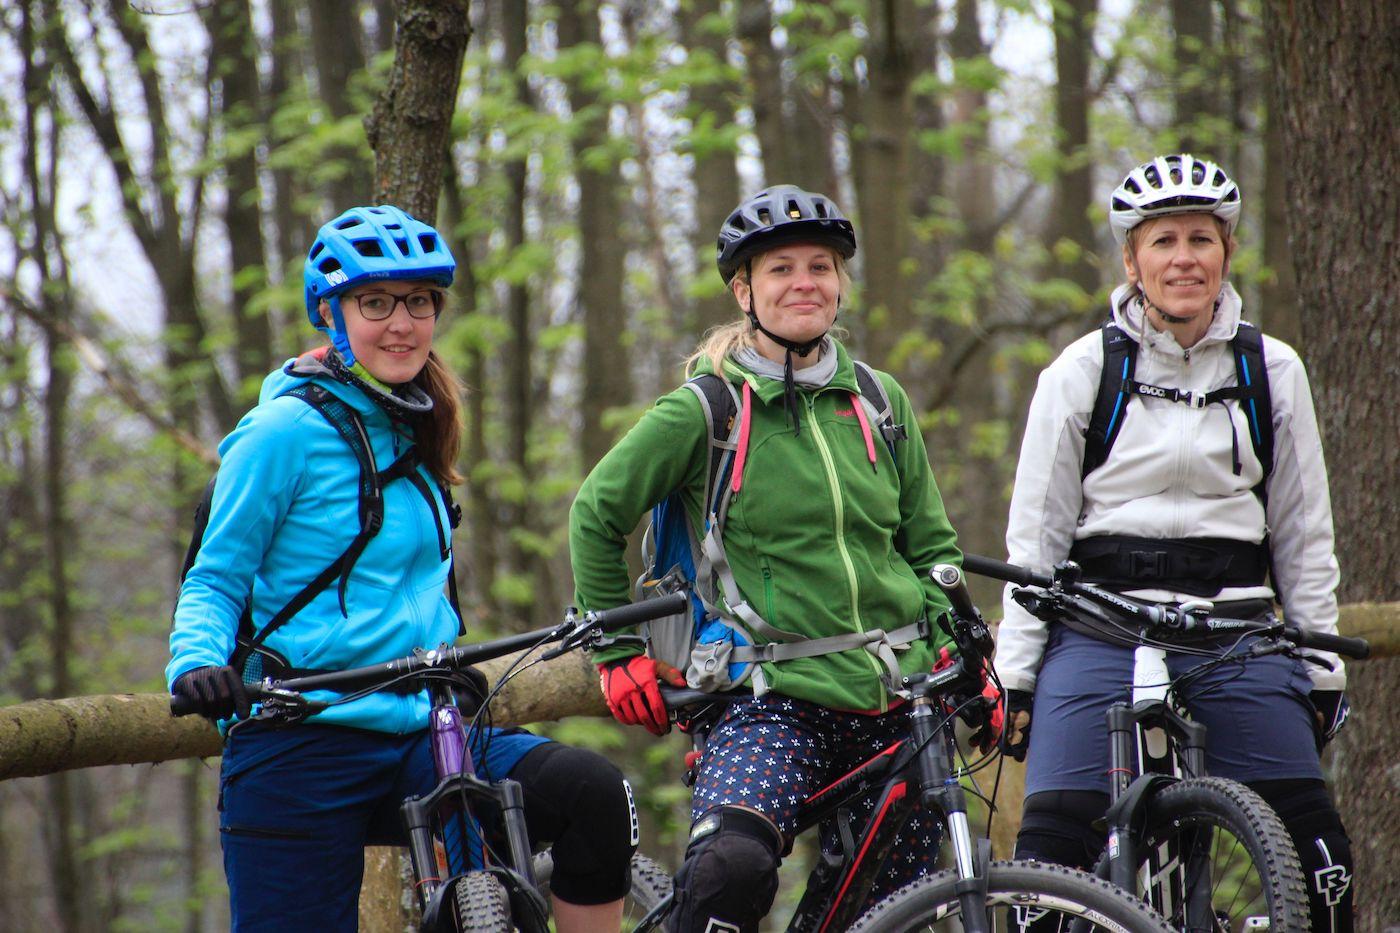 MTB Fahrtechnik Kurs Fortgeschrittene in Siegburg | Bonn - Mountainbike Fortgeschritten - Rock my Trail Bikeschule - 19